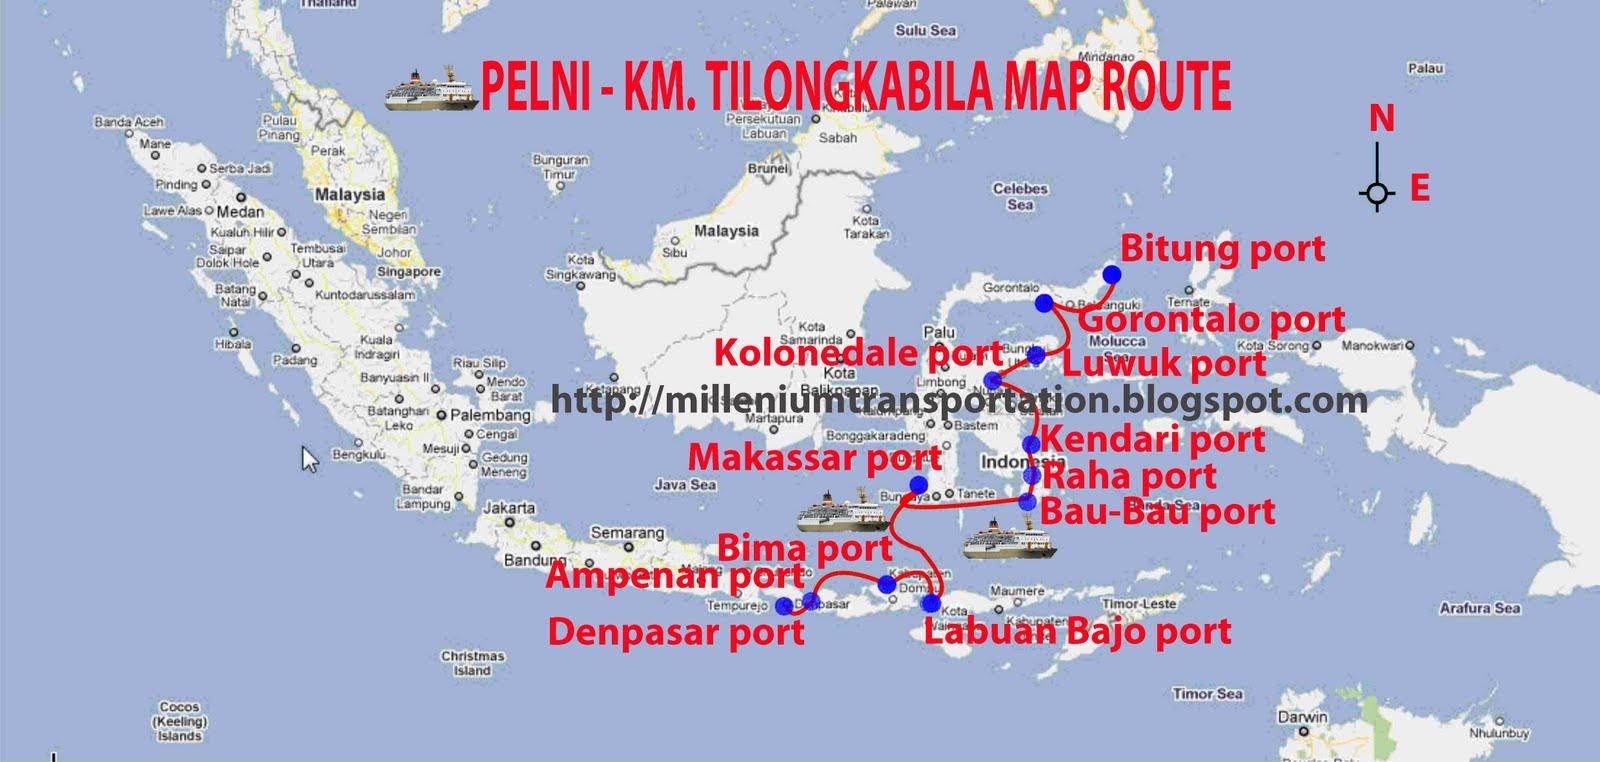 Jadwal Pelni Surabaya 2013 Daftar Harga Tiket Murah Kumpulan Harga Tiket Murah Km Tilongkabila